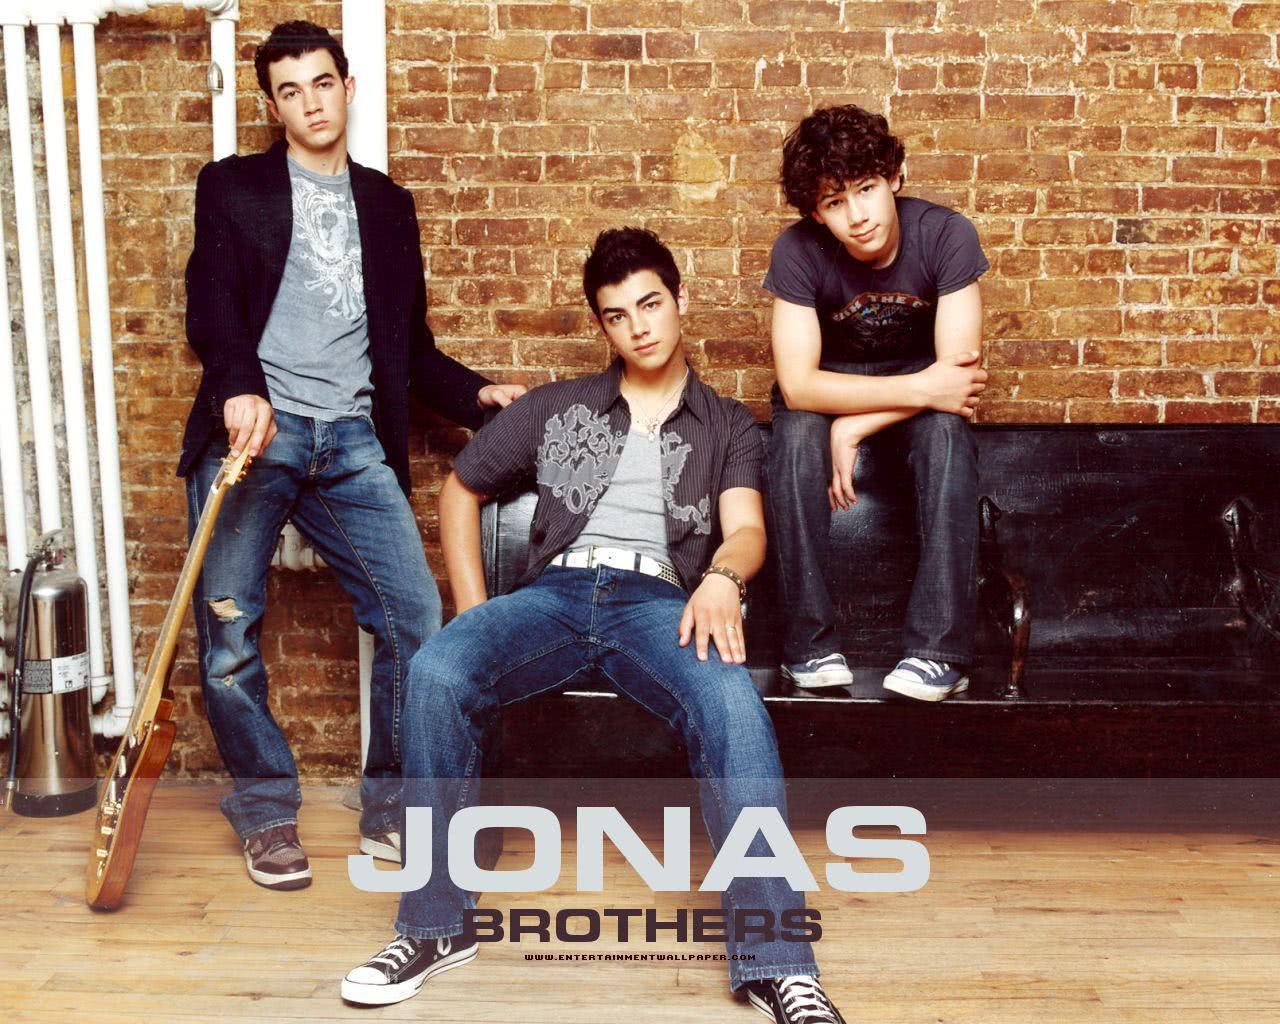 Papel de parede Jonas Brothers 2